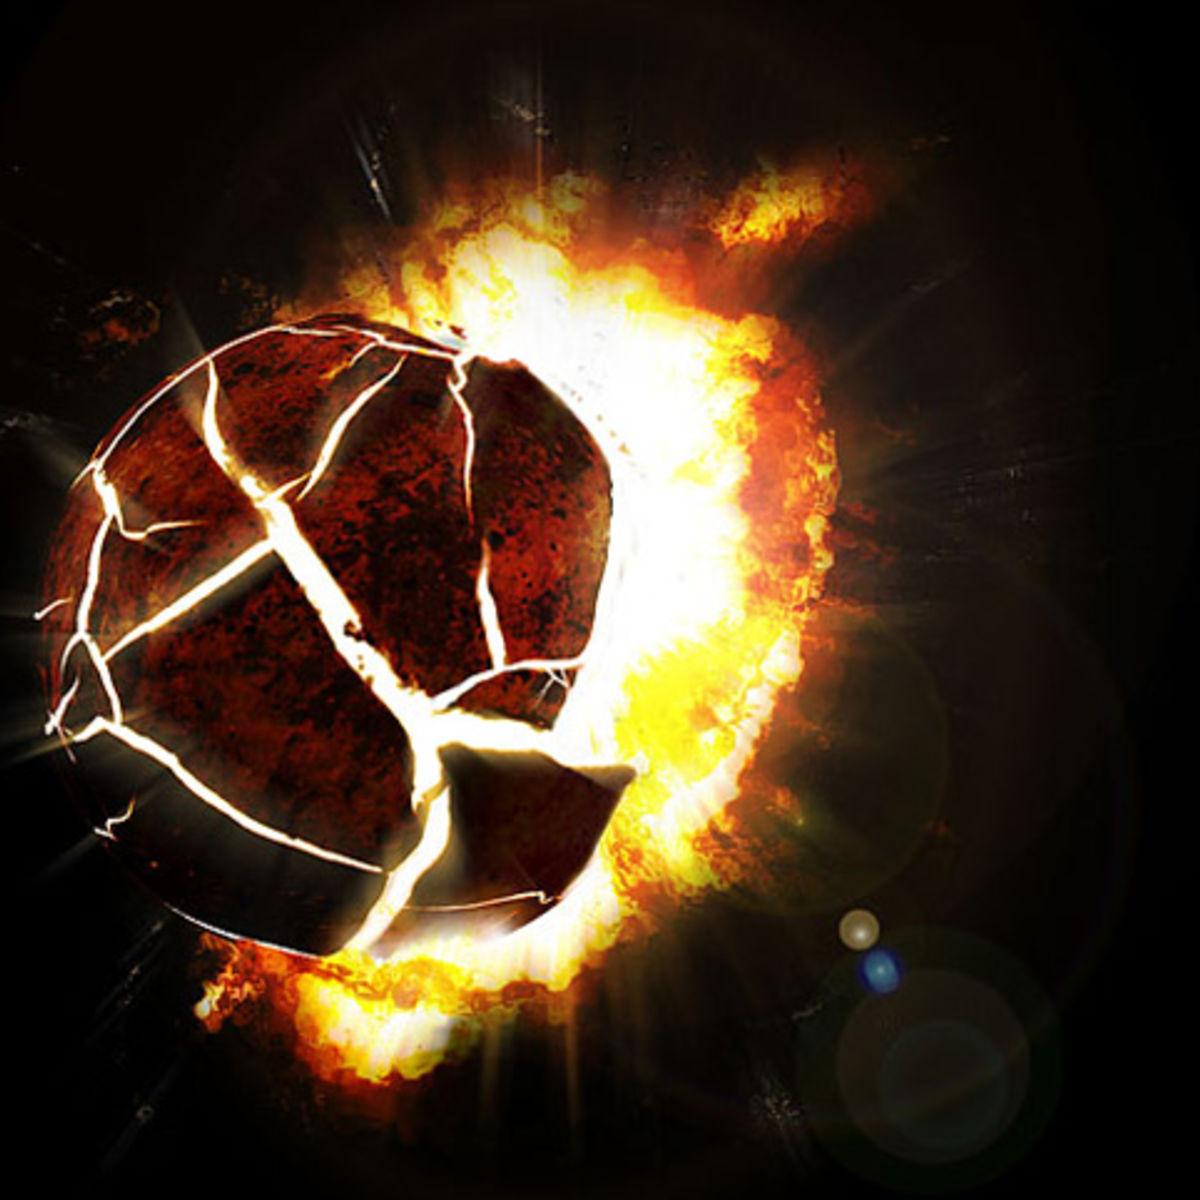 planet_explosion-thumb-550xauto-51008.jpg